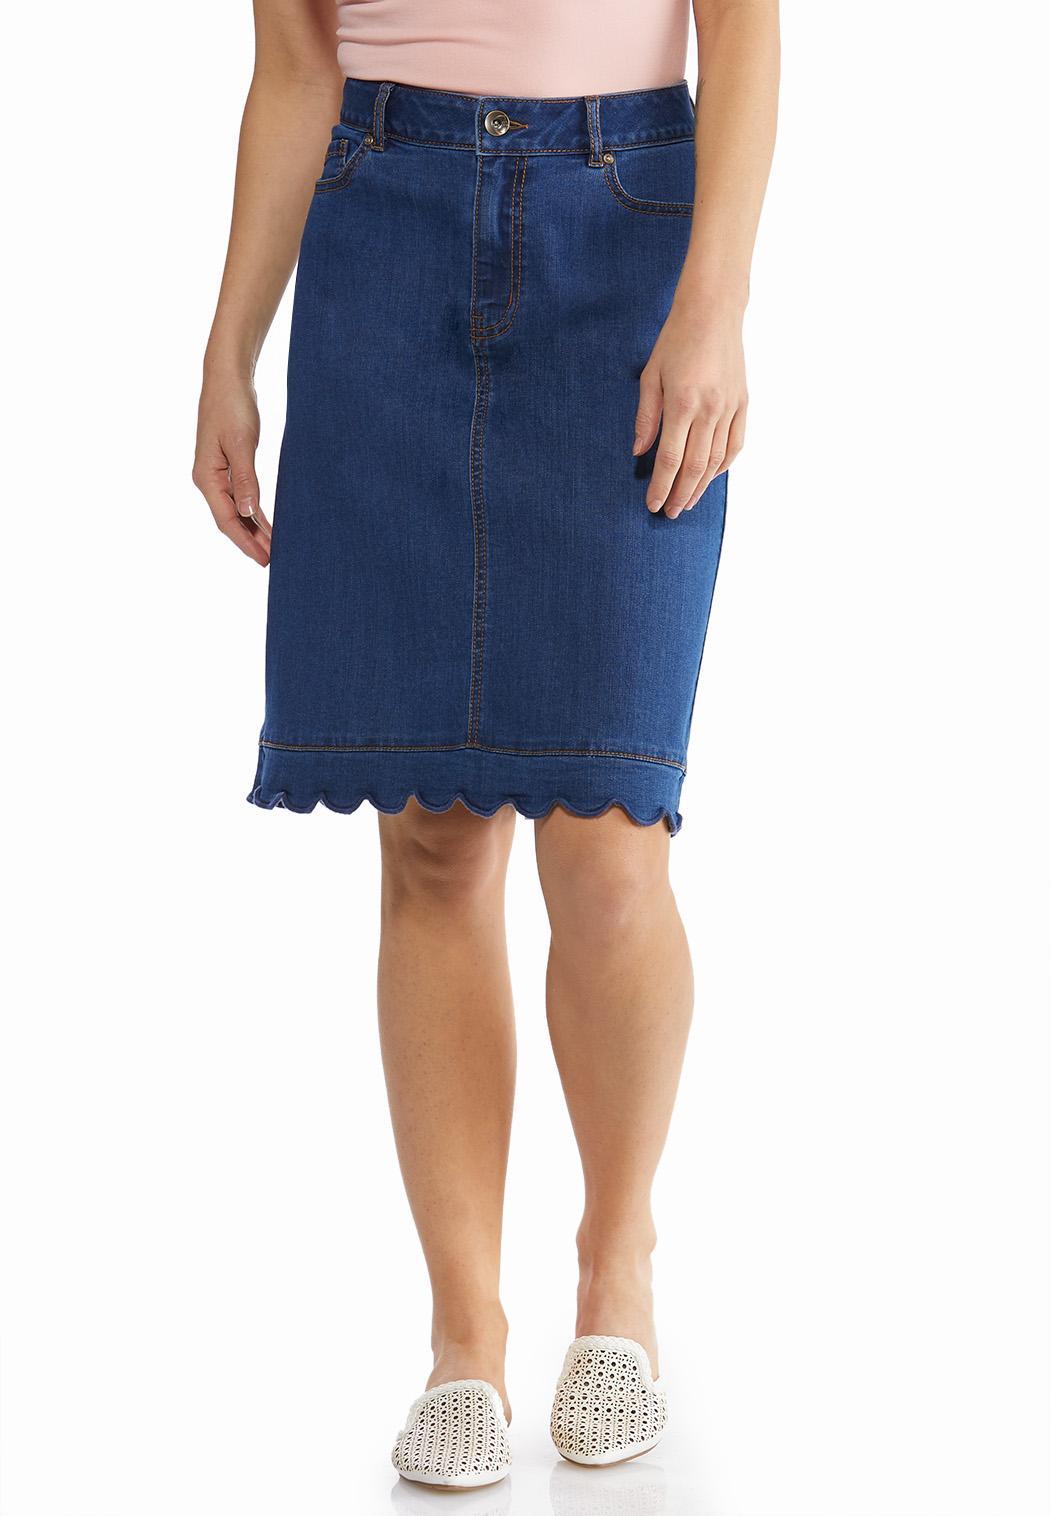 Scalloped Denim Skirt